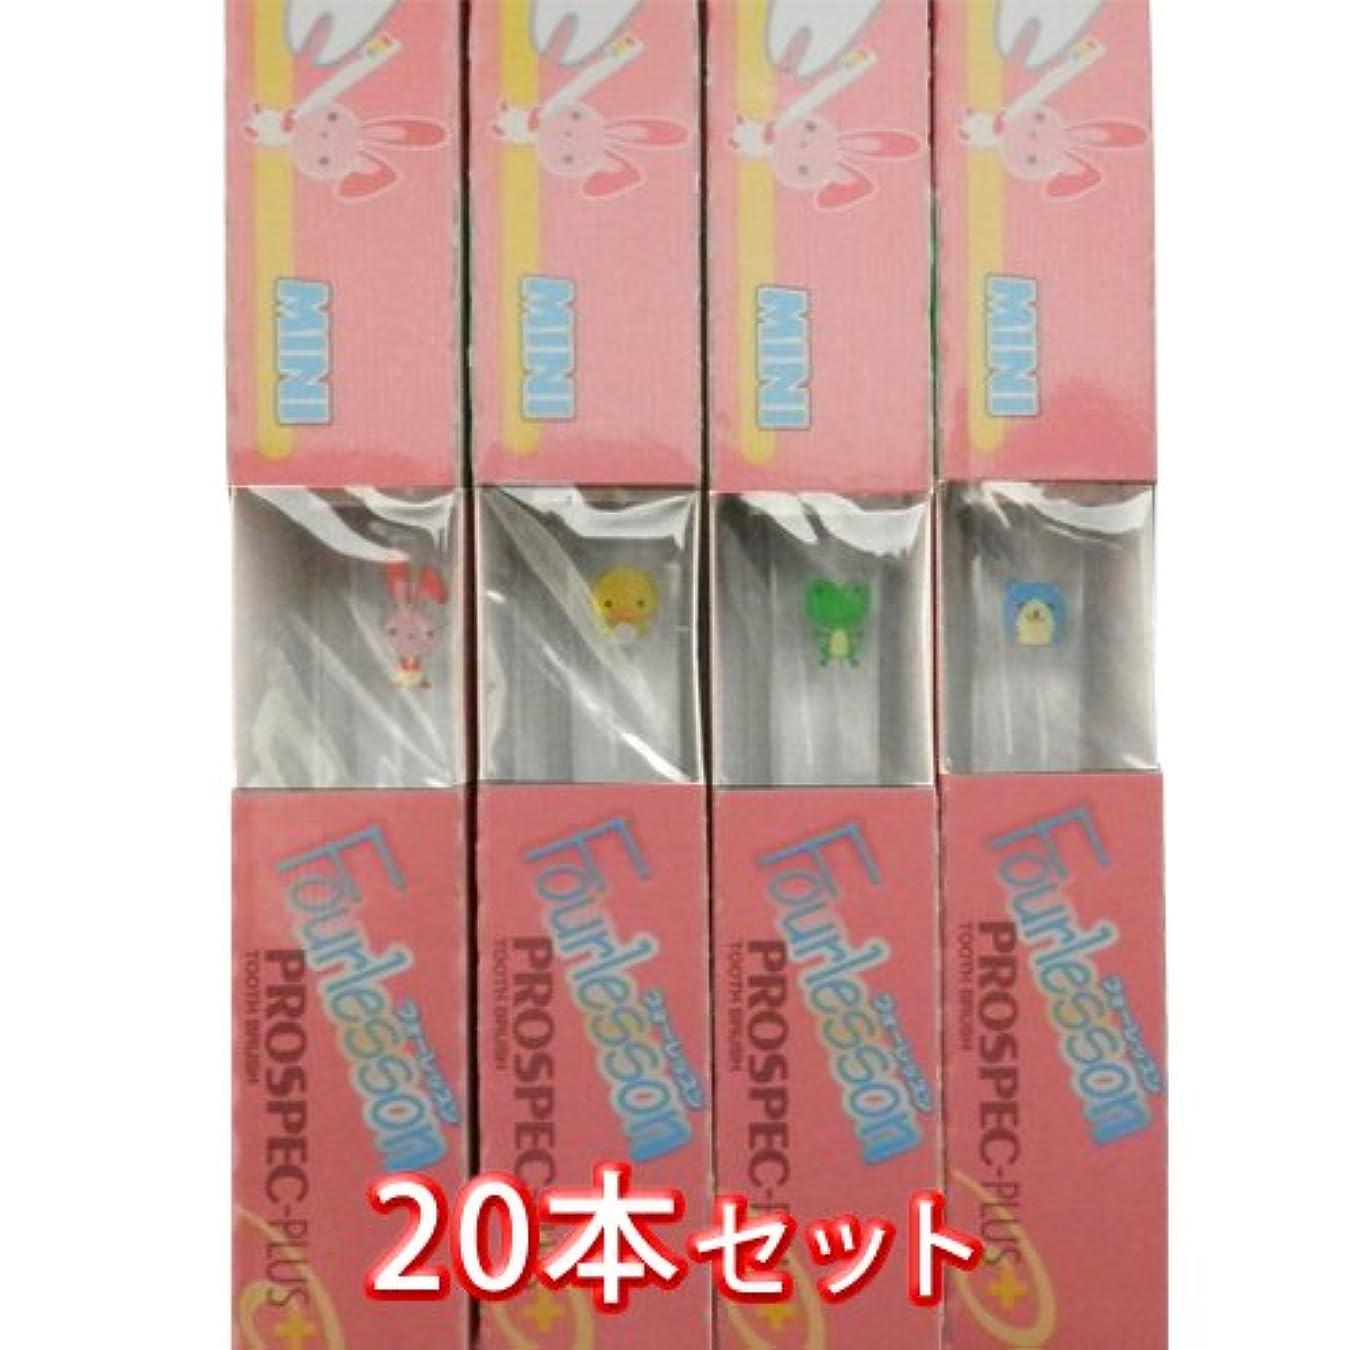 バックマチュピチュ散らすプロスペック プラス フォーレッスン ミニ 歯ブラシ 20本入